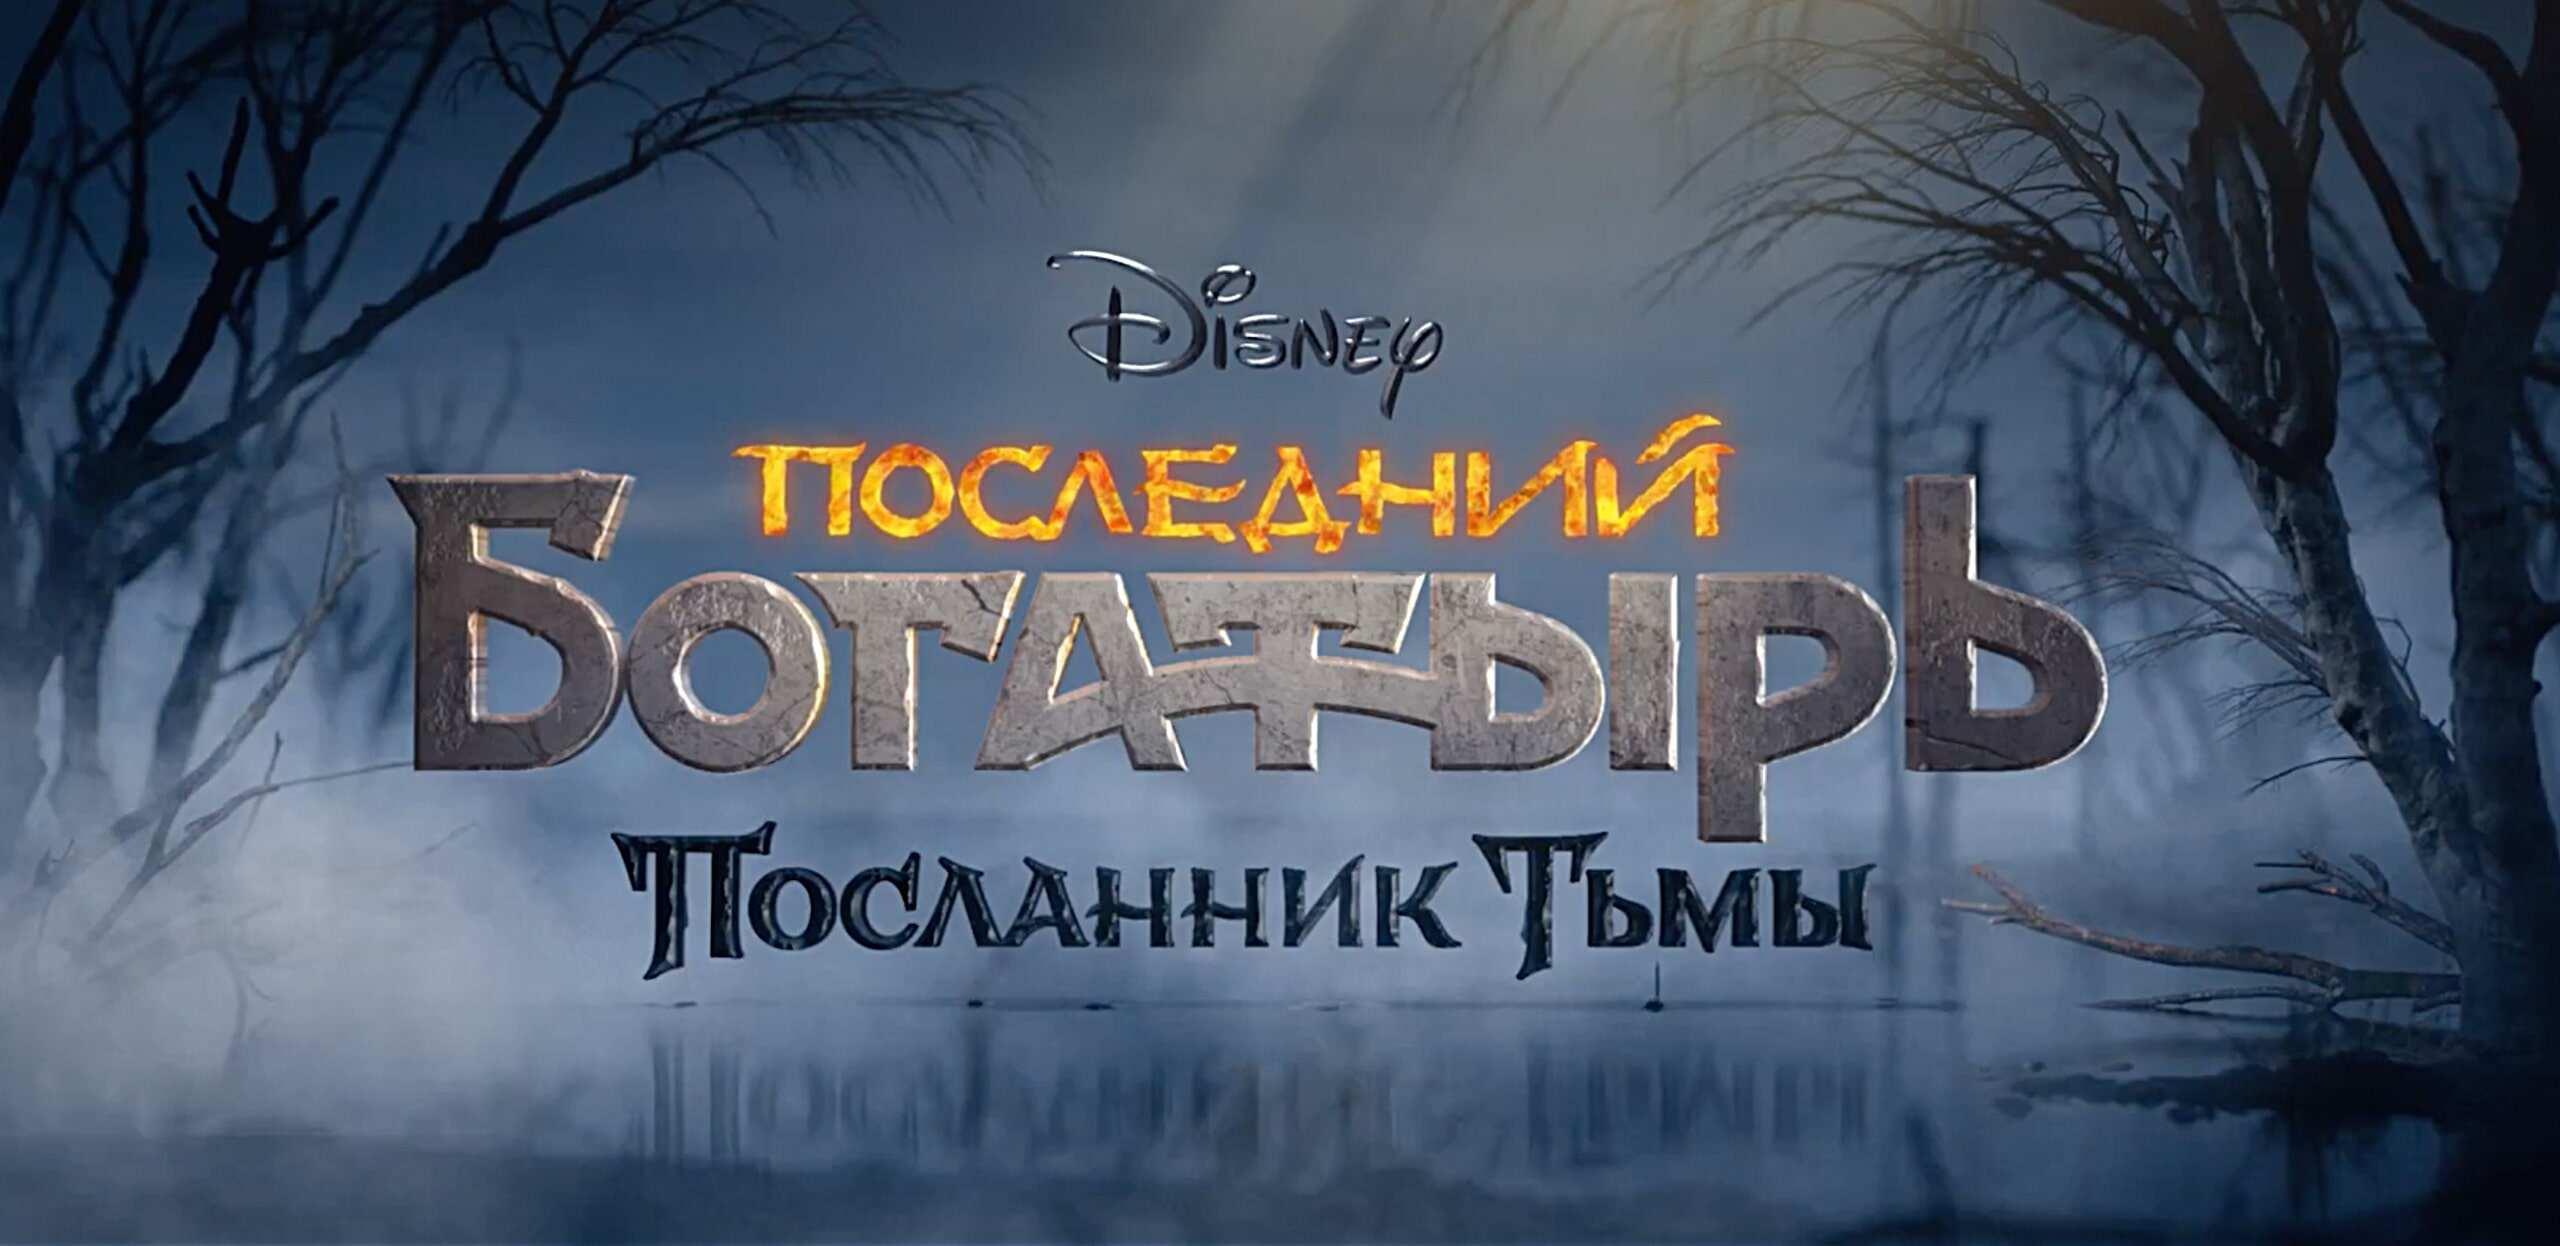 Disney и ОК представляют первый трейлер фильма «Последний богатырь: Посланник Тьмы»